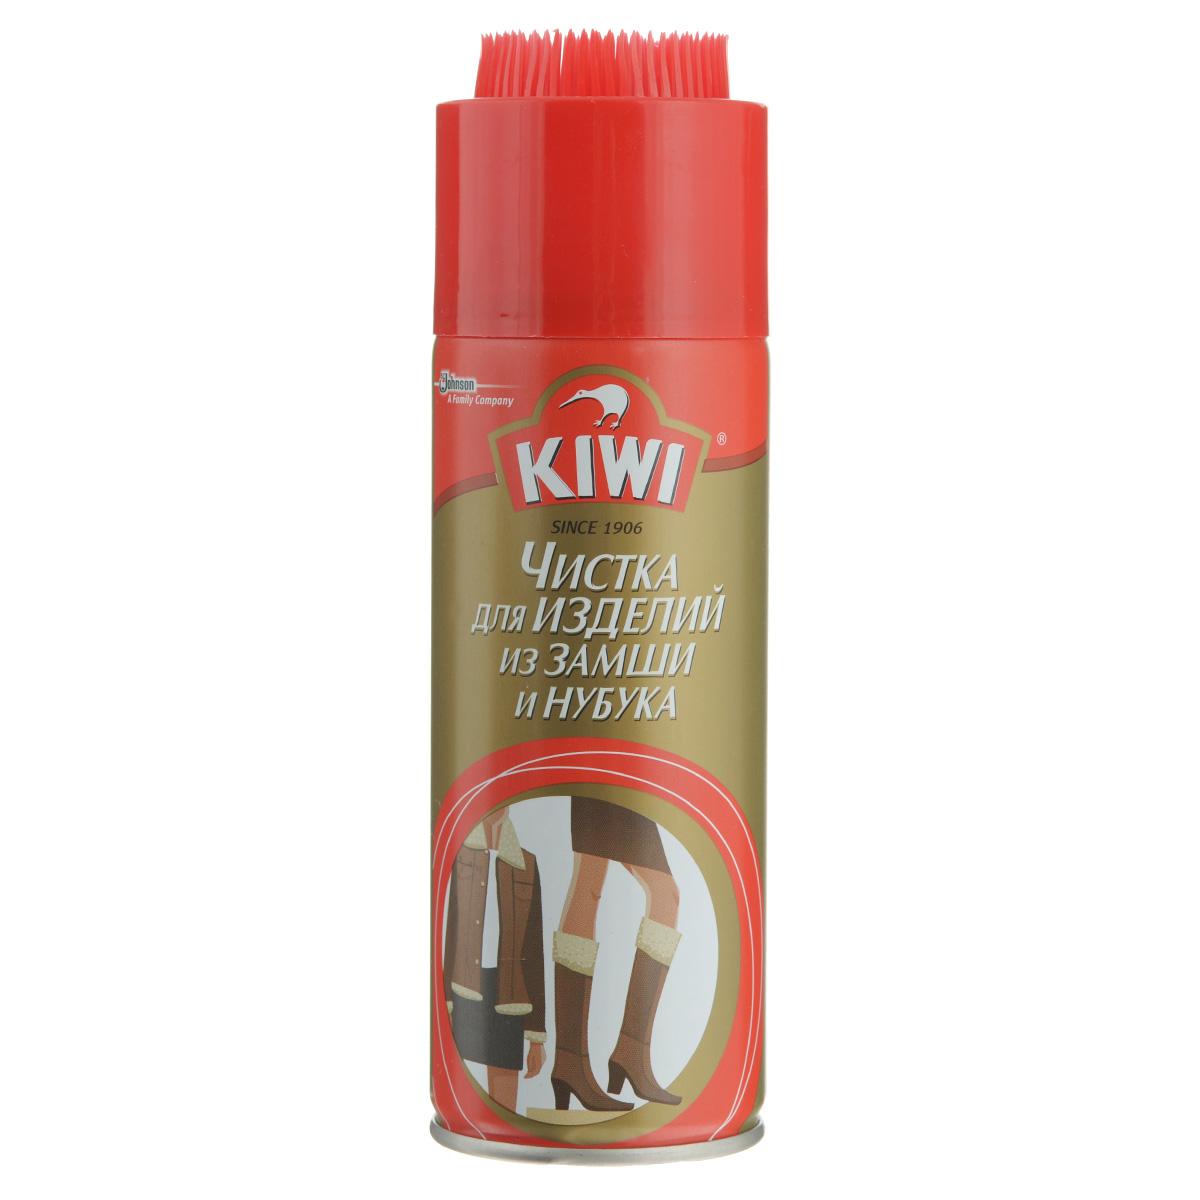 Чистка для обуви Kiwi для изделий из замши и нубука, 200 мл630733Бесцветный спрей Kiwi чистит и обновляет цвет обуви и одежды из замши и нубука. Удаляет жирные и масляные пятна. Обладает водоотталкивающими свойствами. Удобен в использовании.